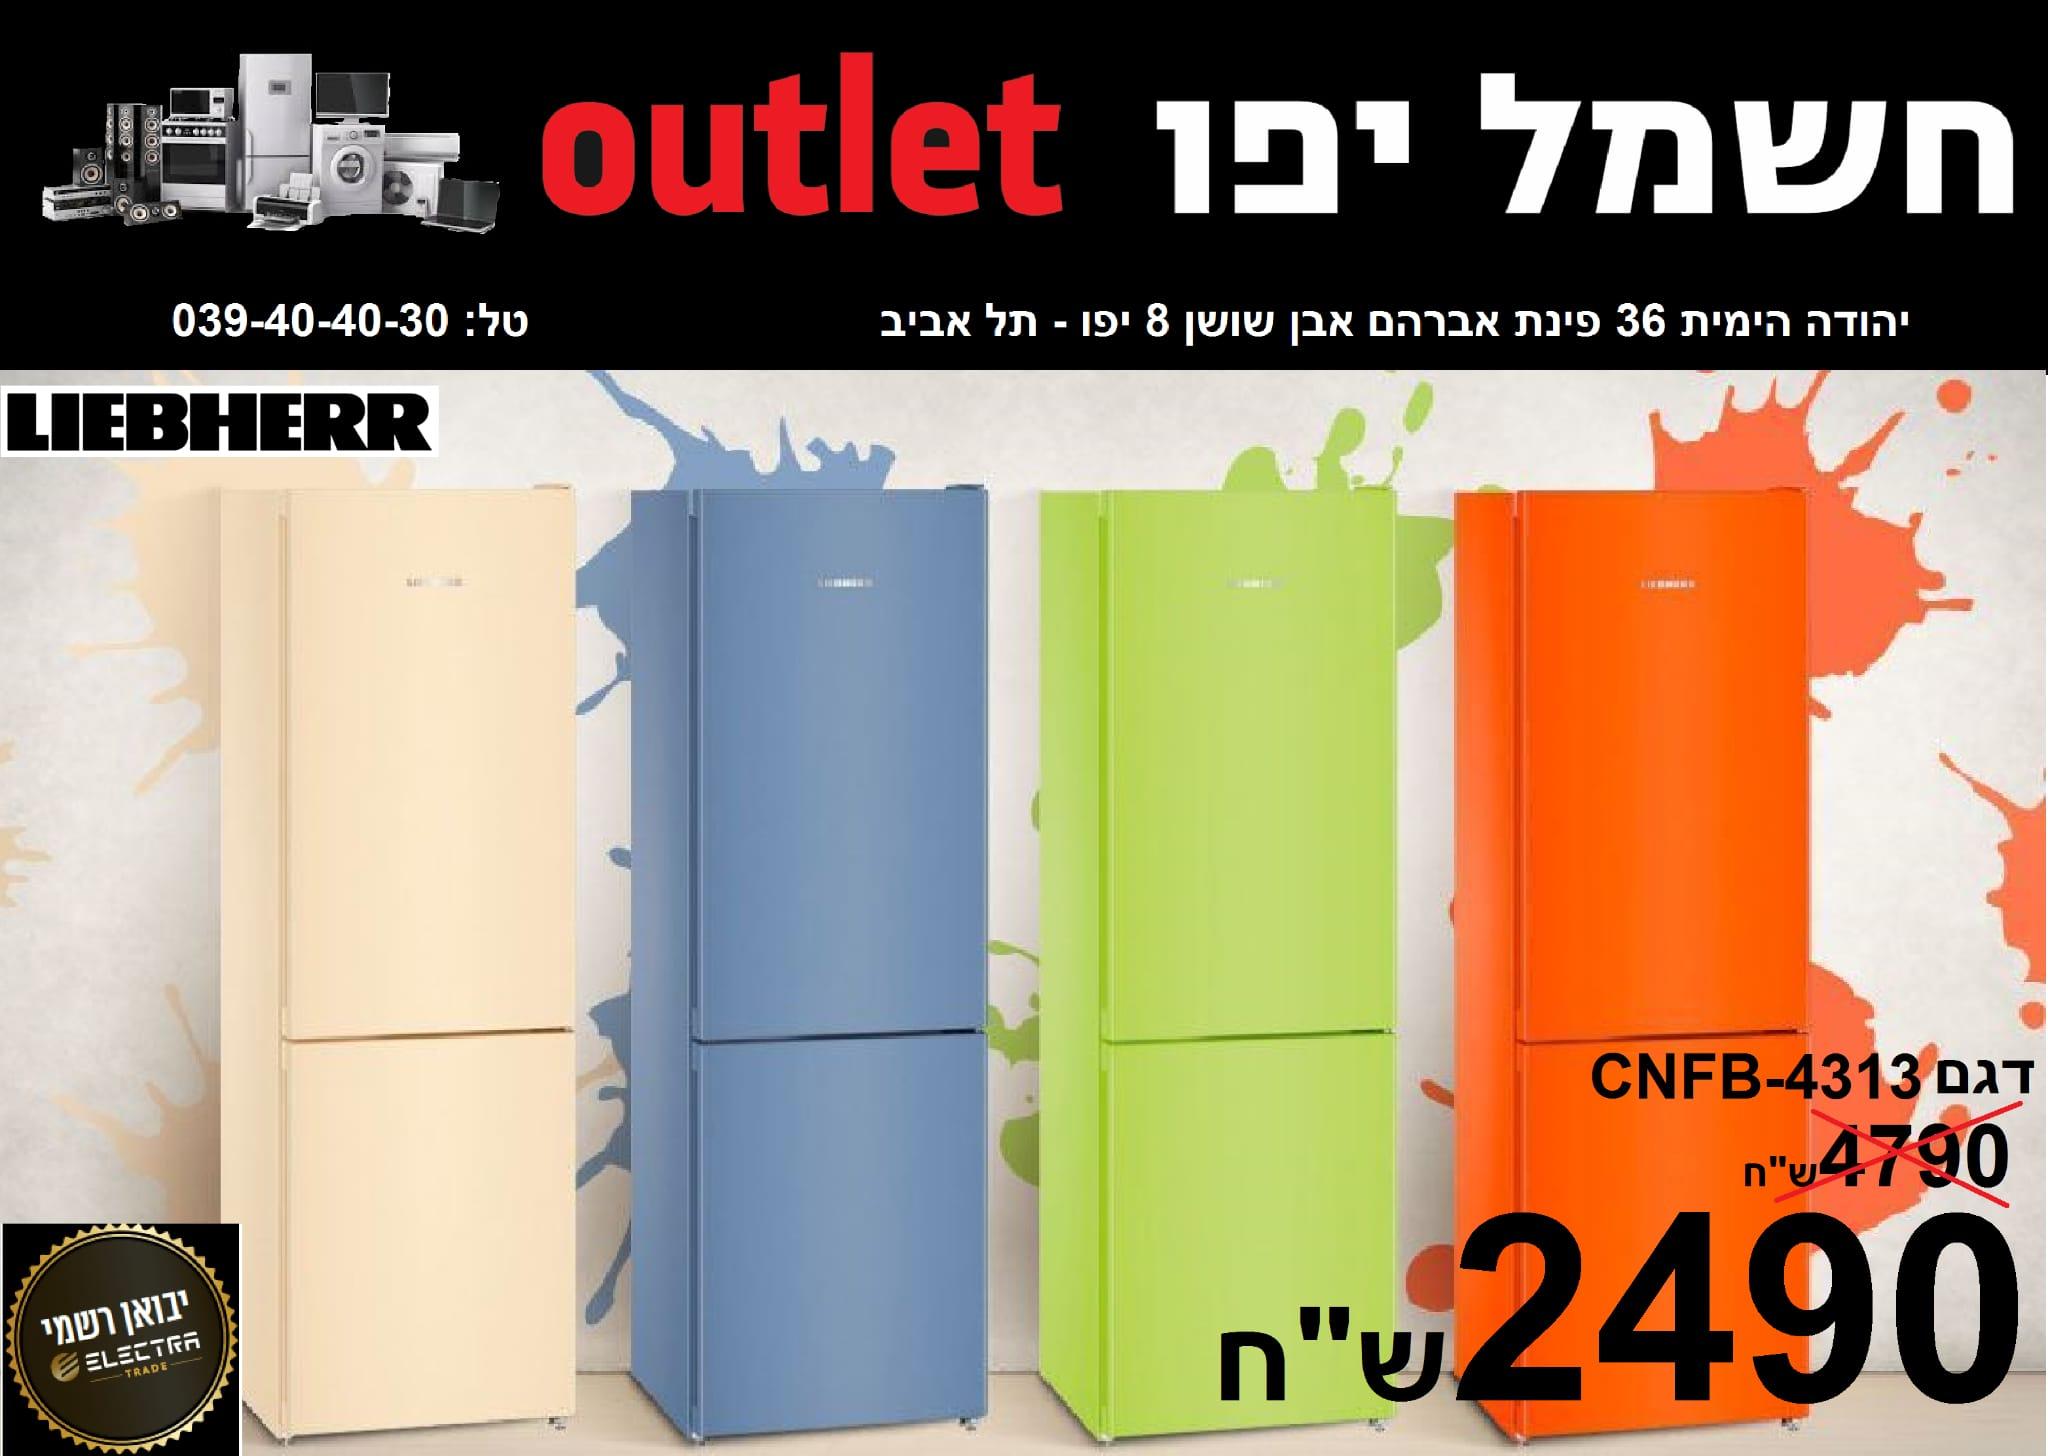 تخفيضات تصل الى 70% على الأجهزة الكهربائية لدى OUTLET